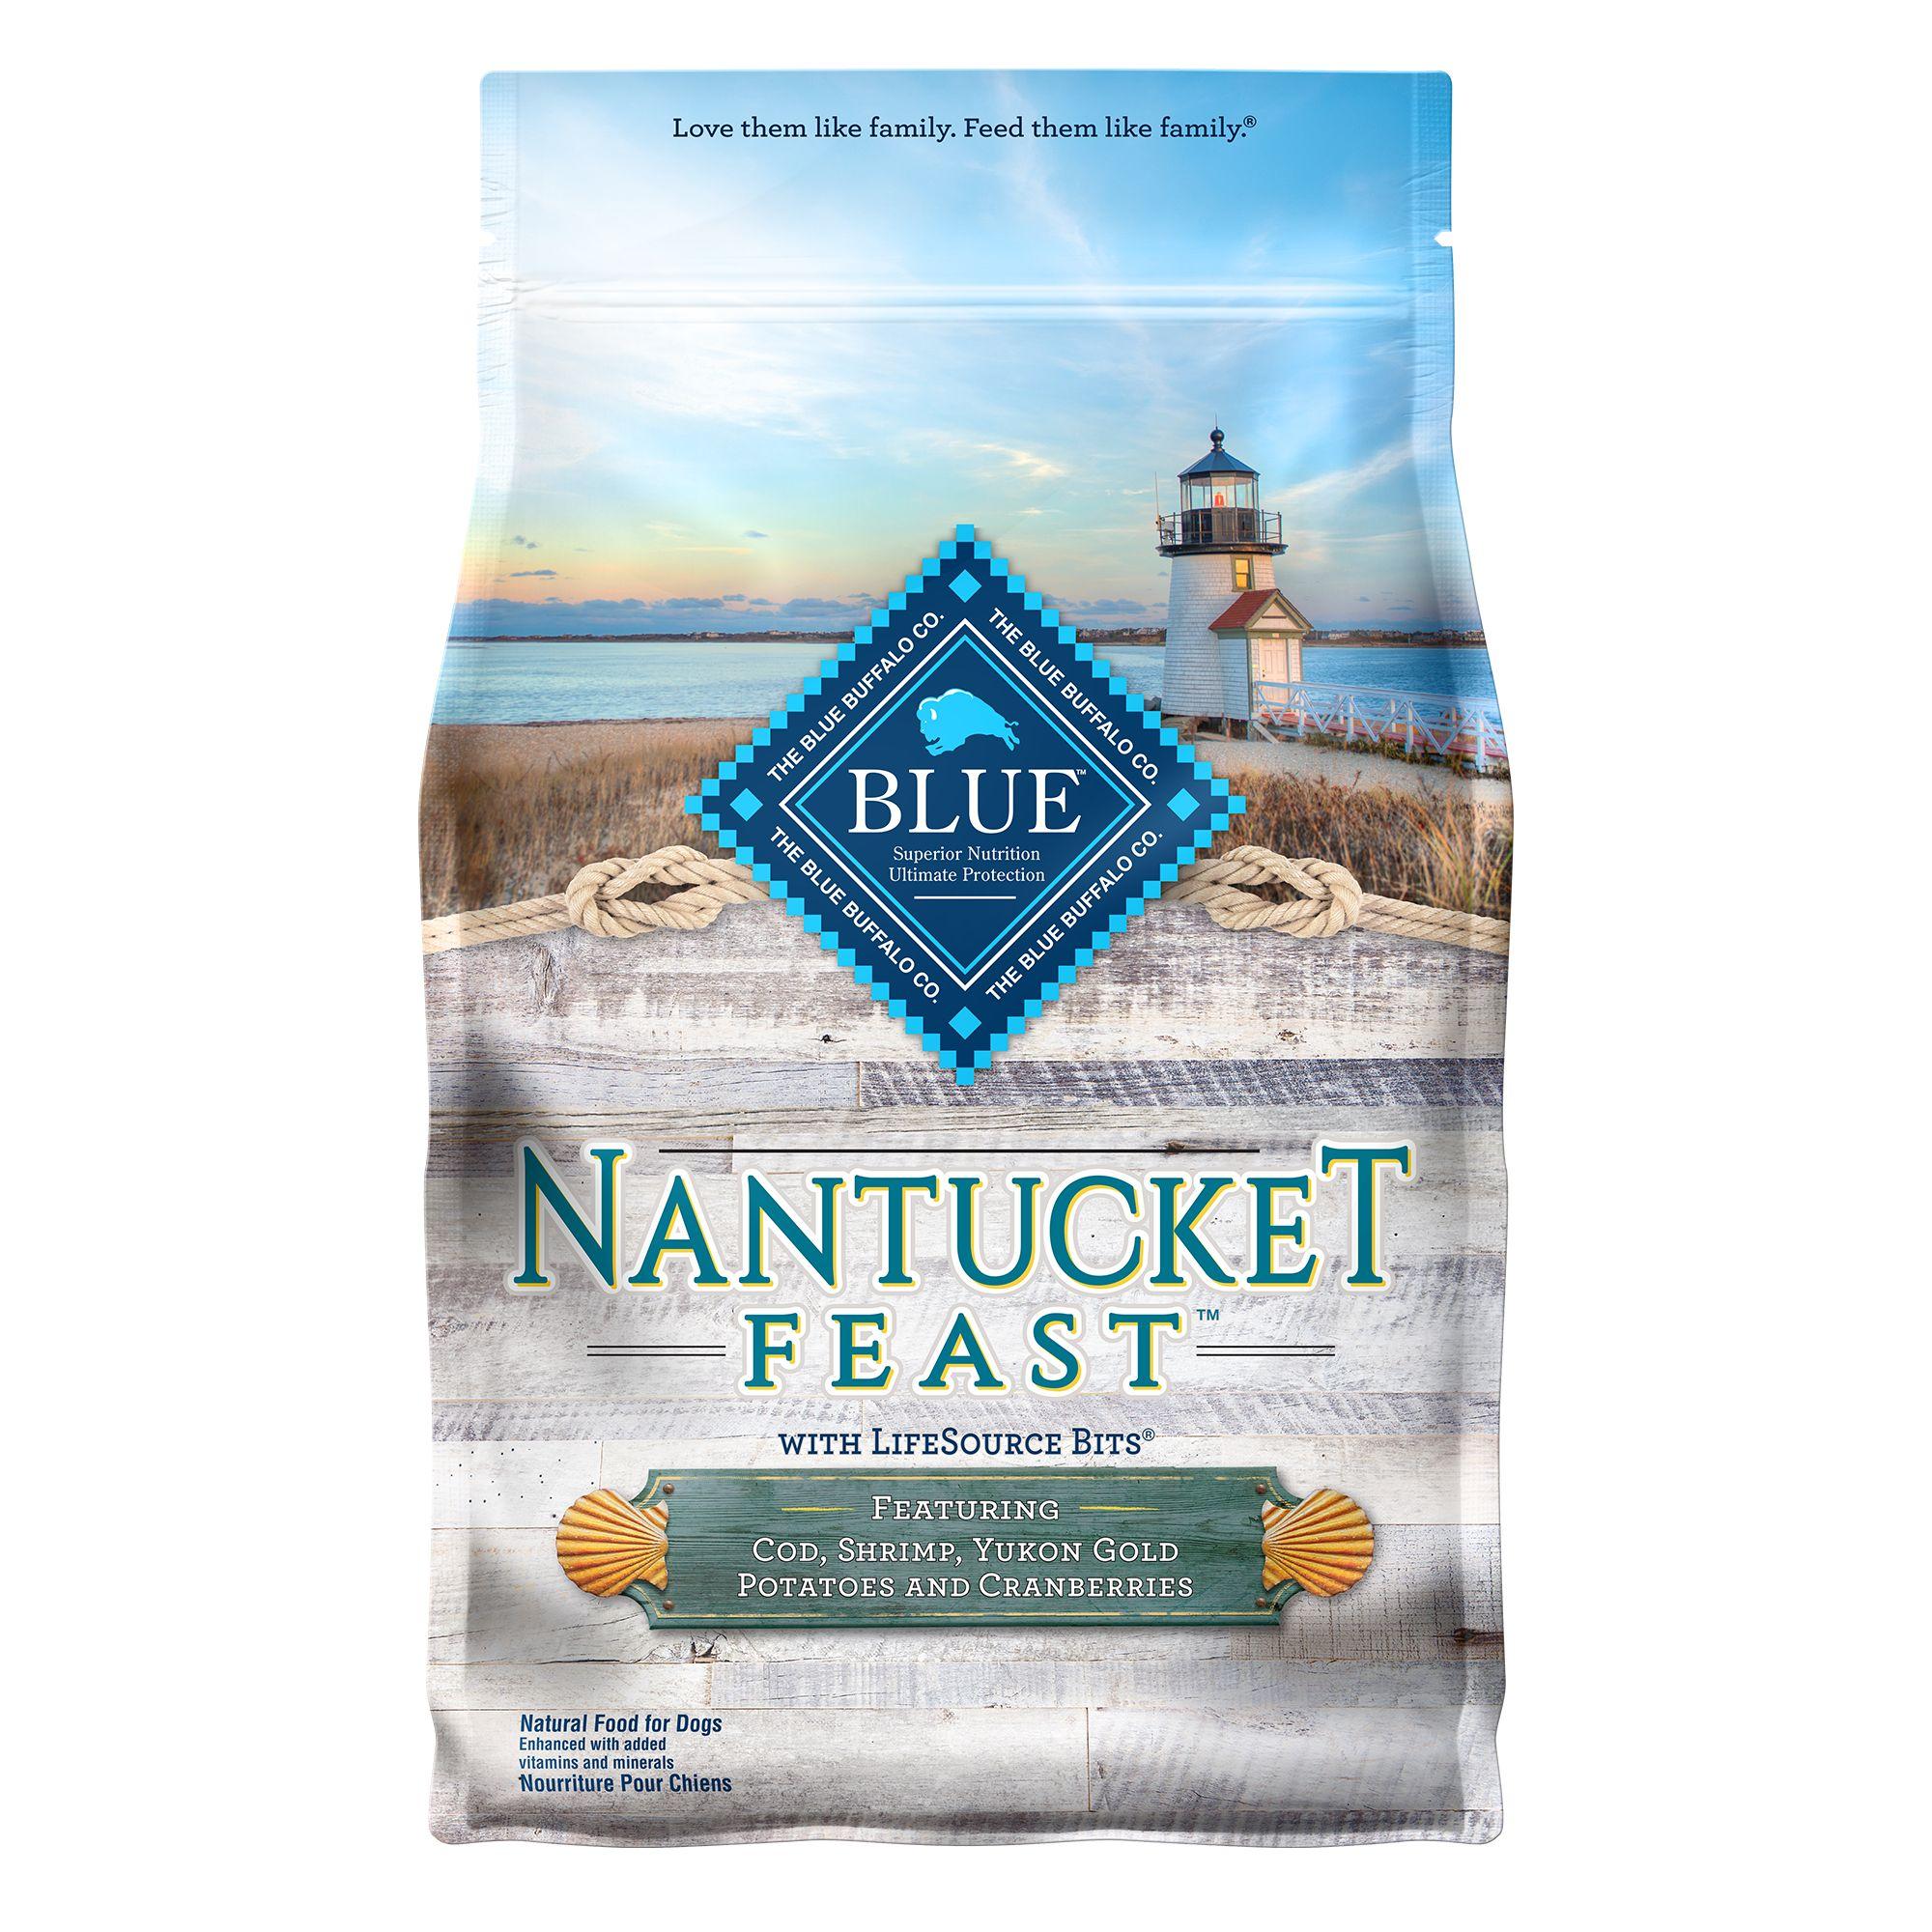 Blue Nantucket Feast Dog Food - Natural, Cod, Shrimp, Potatoes and Cranberries size: 4 Lb, Blue Buffalo, Cod, Shrimp, Yukon Gold Potatoes and Cranberries, Adult, Deboned Cod Fish 5268956